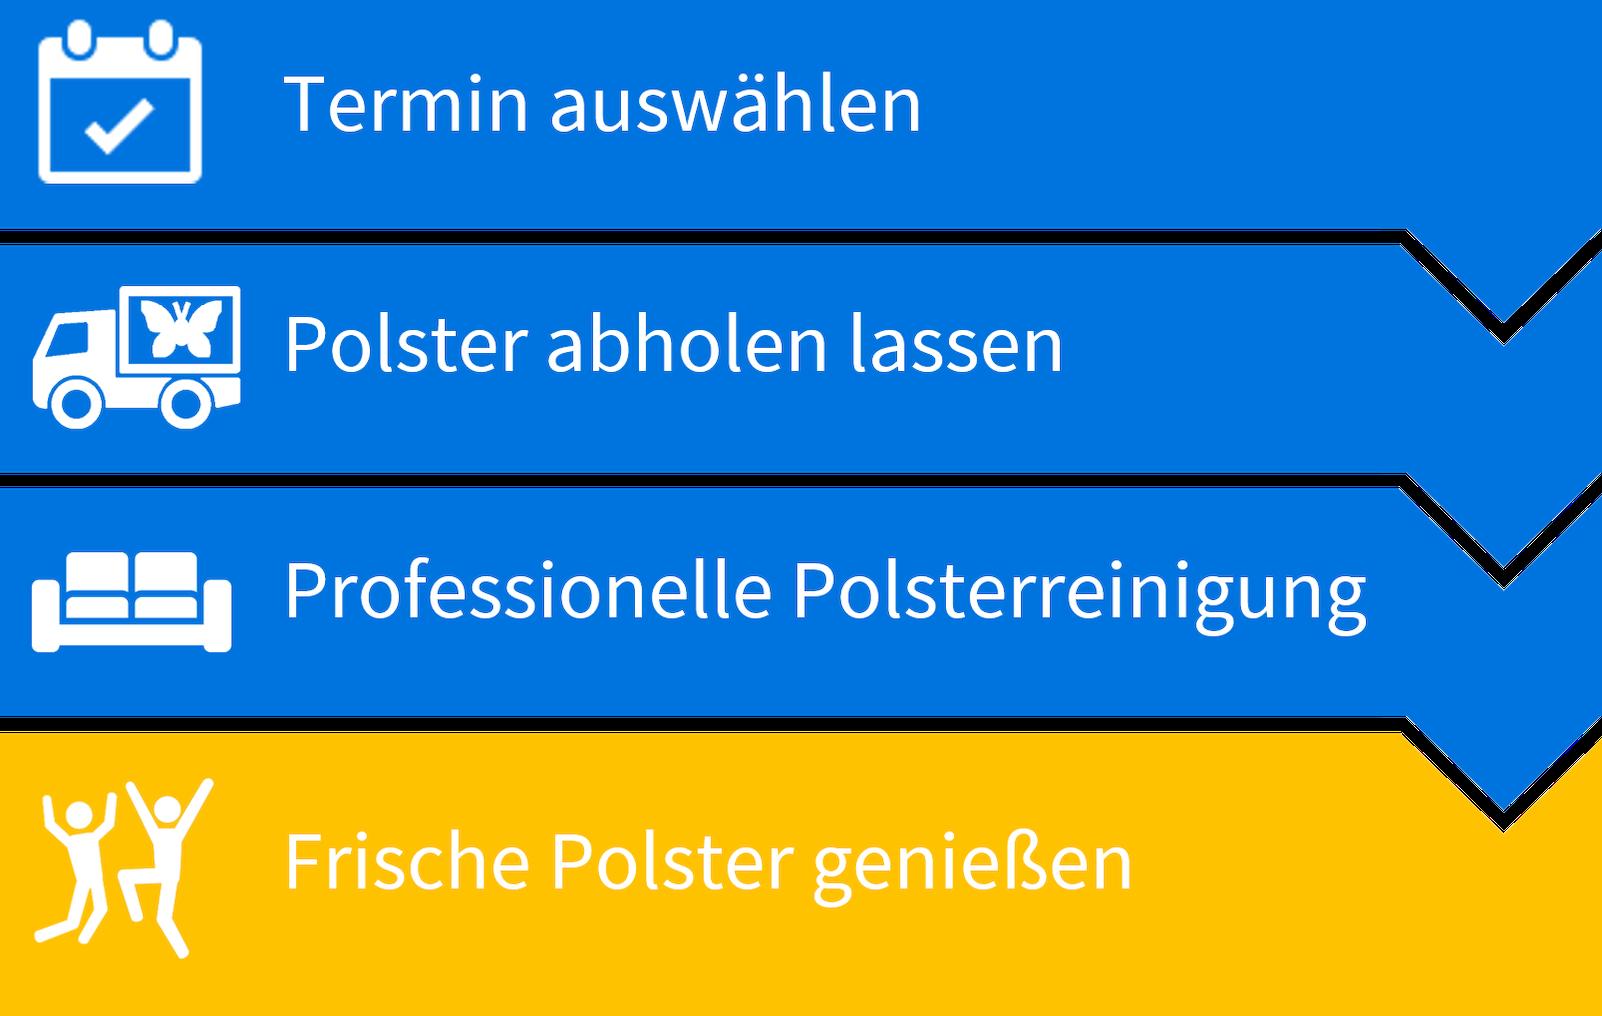 Prozess_Polsterreinigung_Bremen